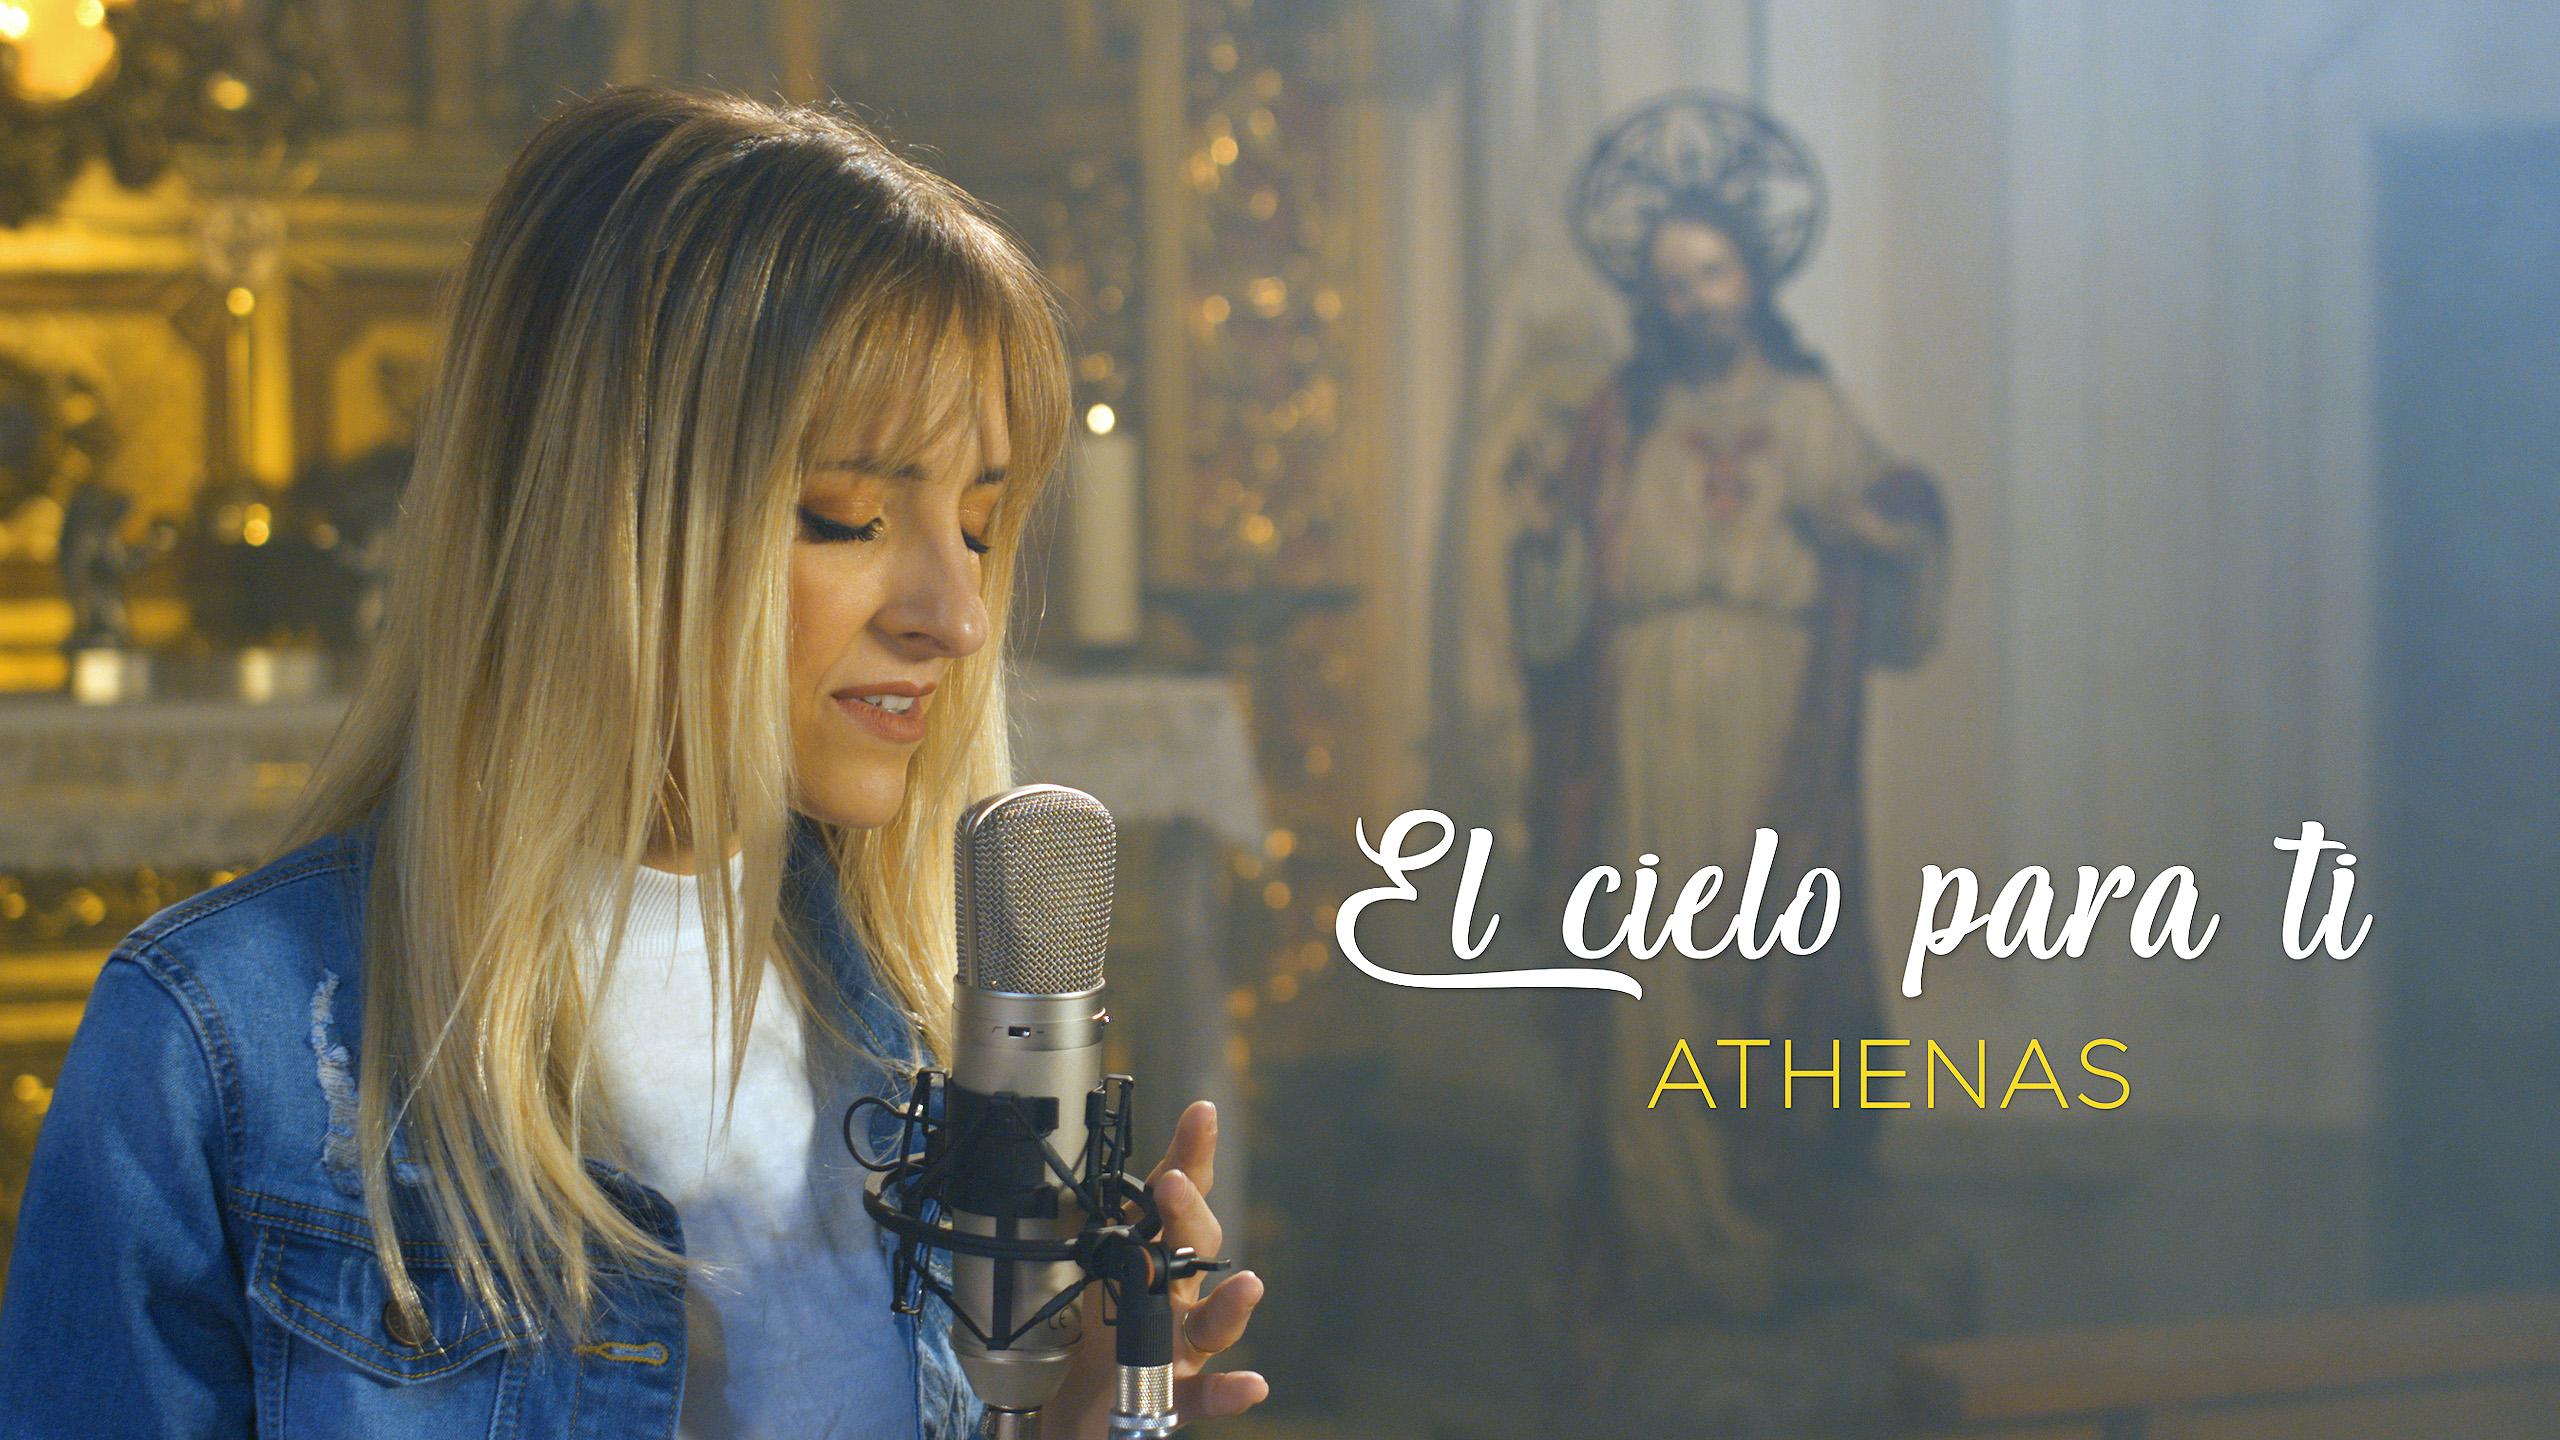 El cielo para ti - Athenas (movie official theme song)